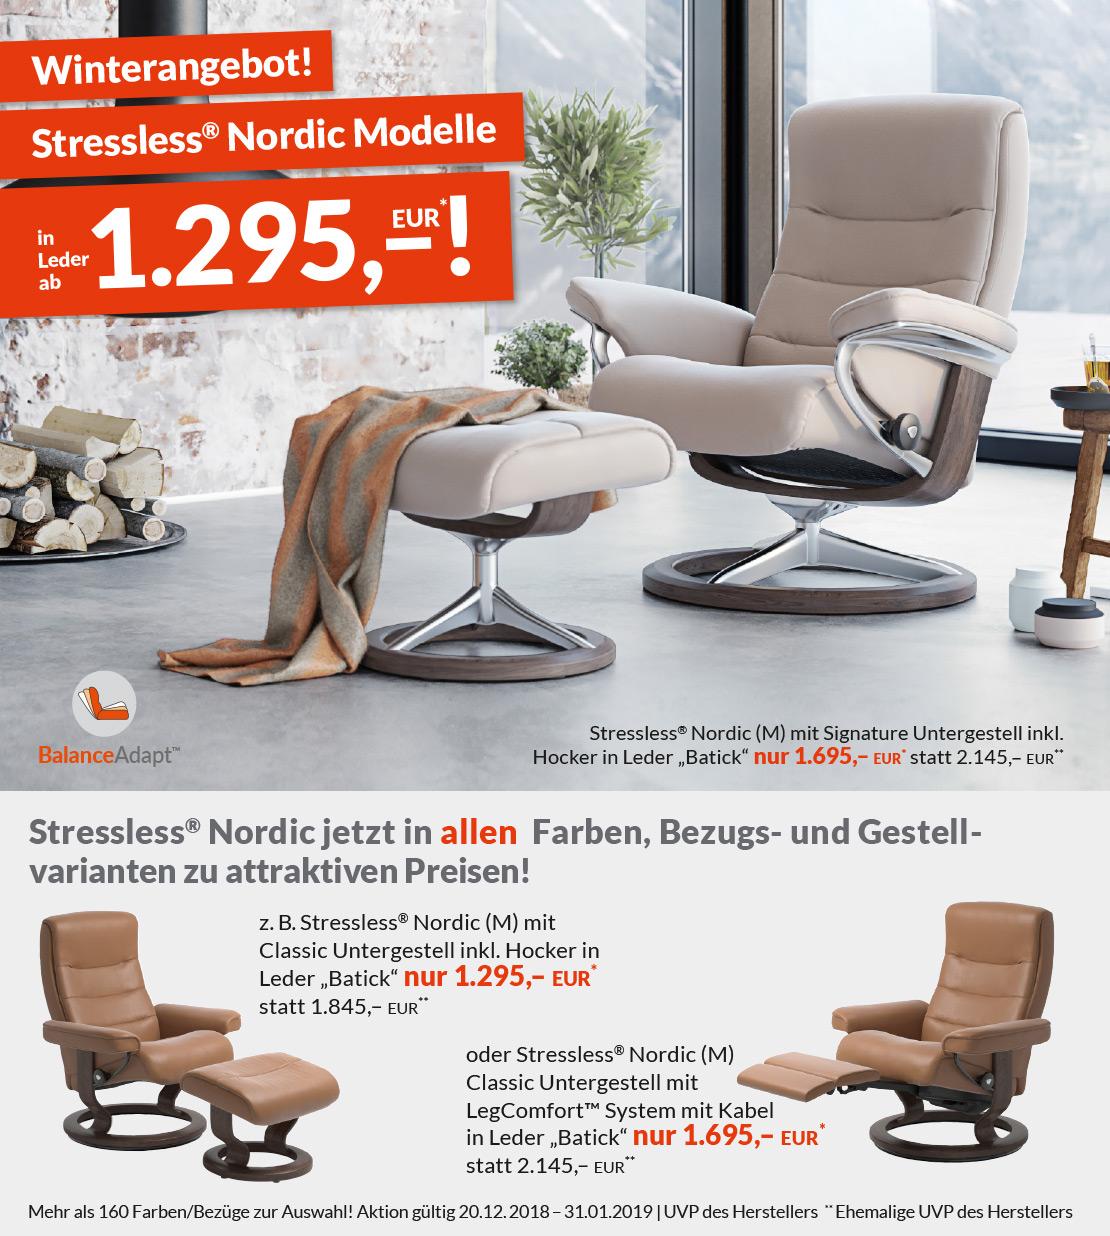 Stressless®Nordic Modelle - inklusive Hocker | Leder | in verschieden Farben erhältlich